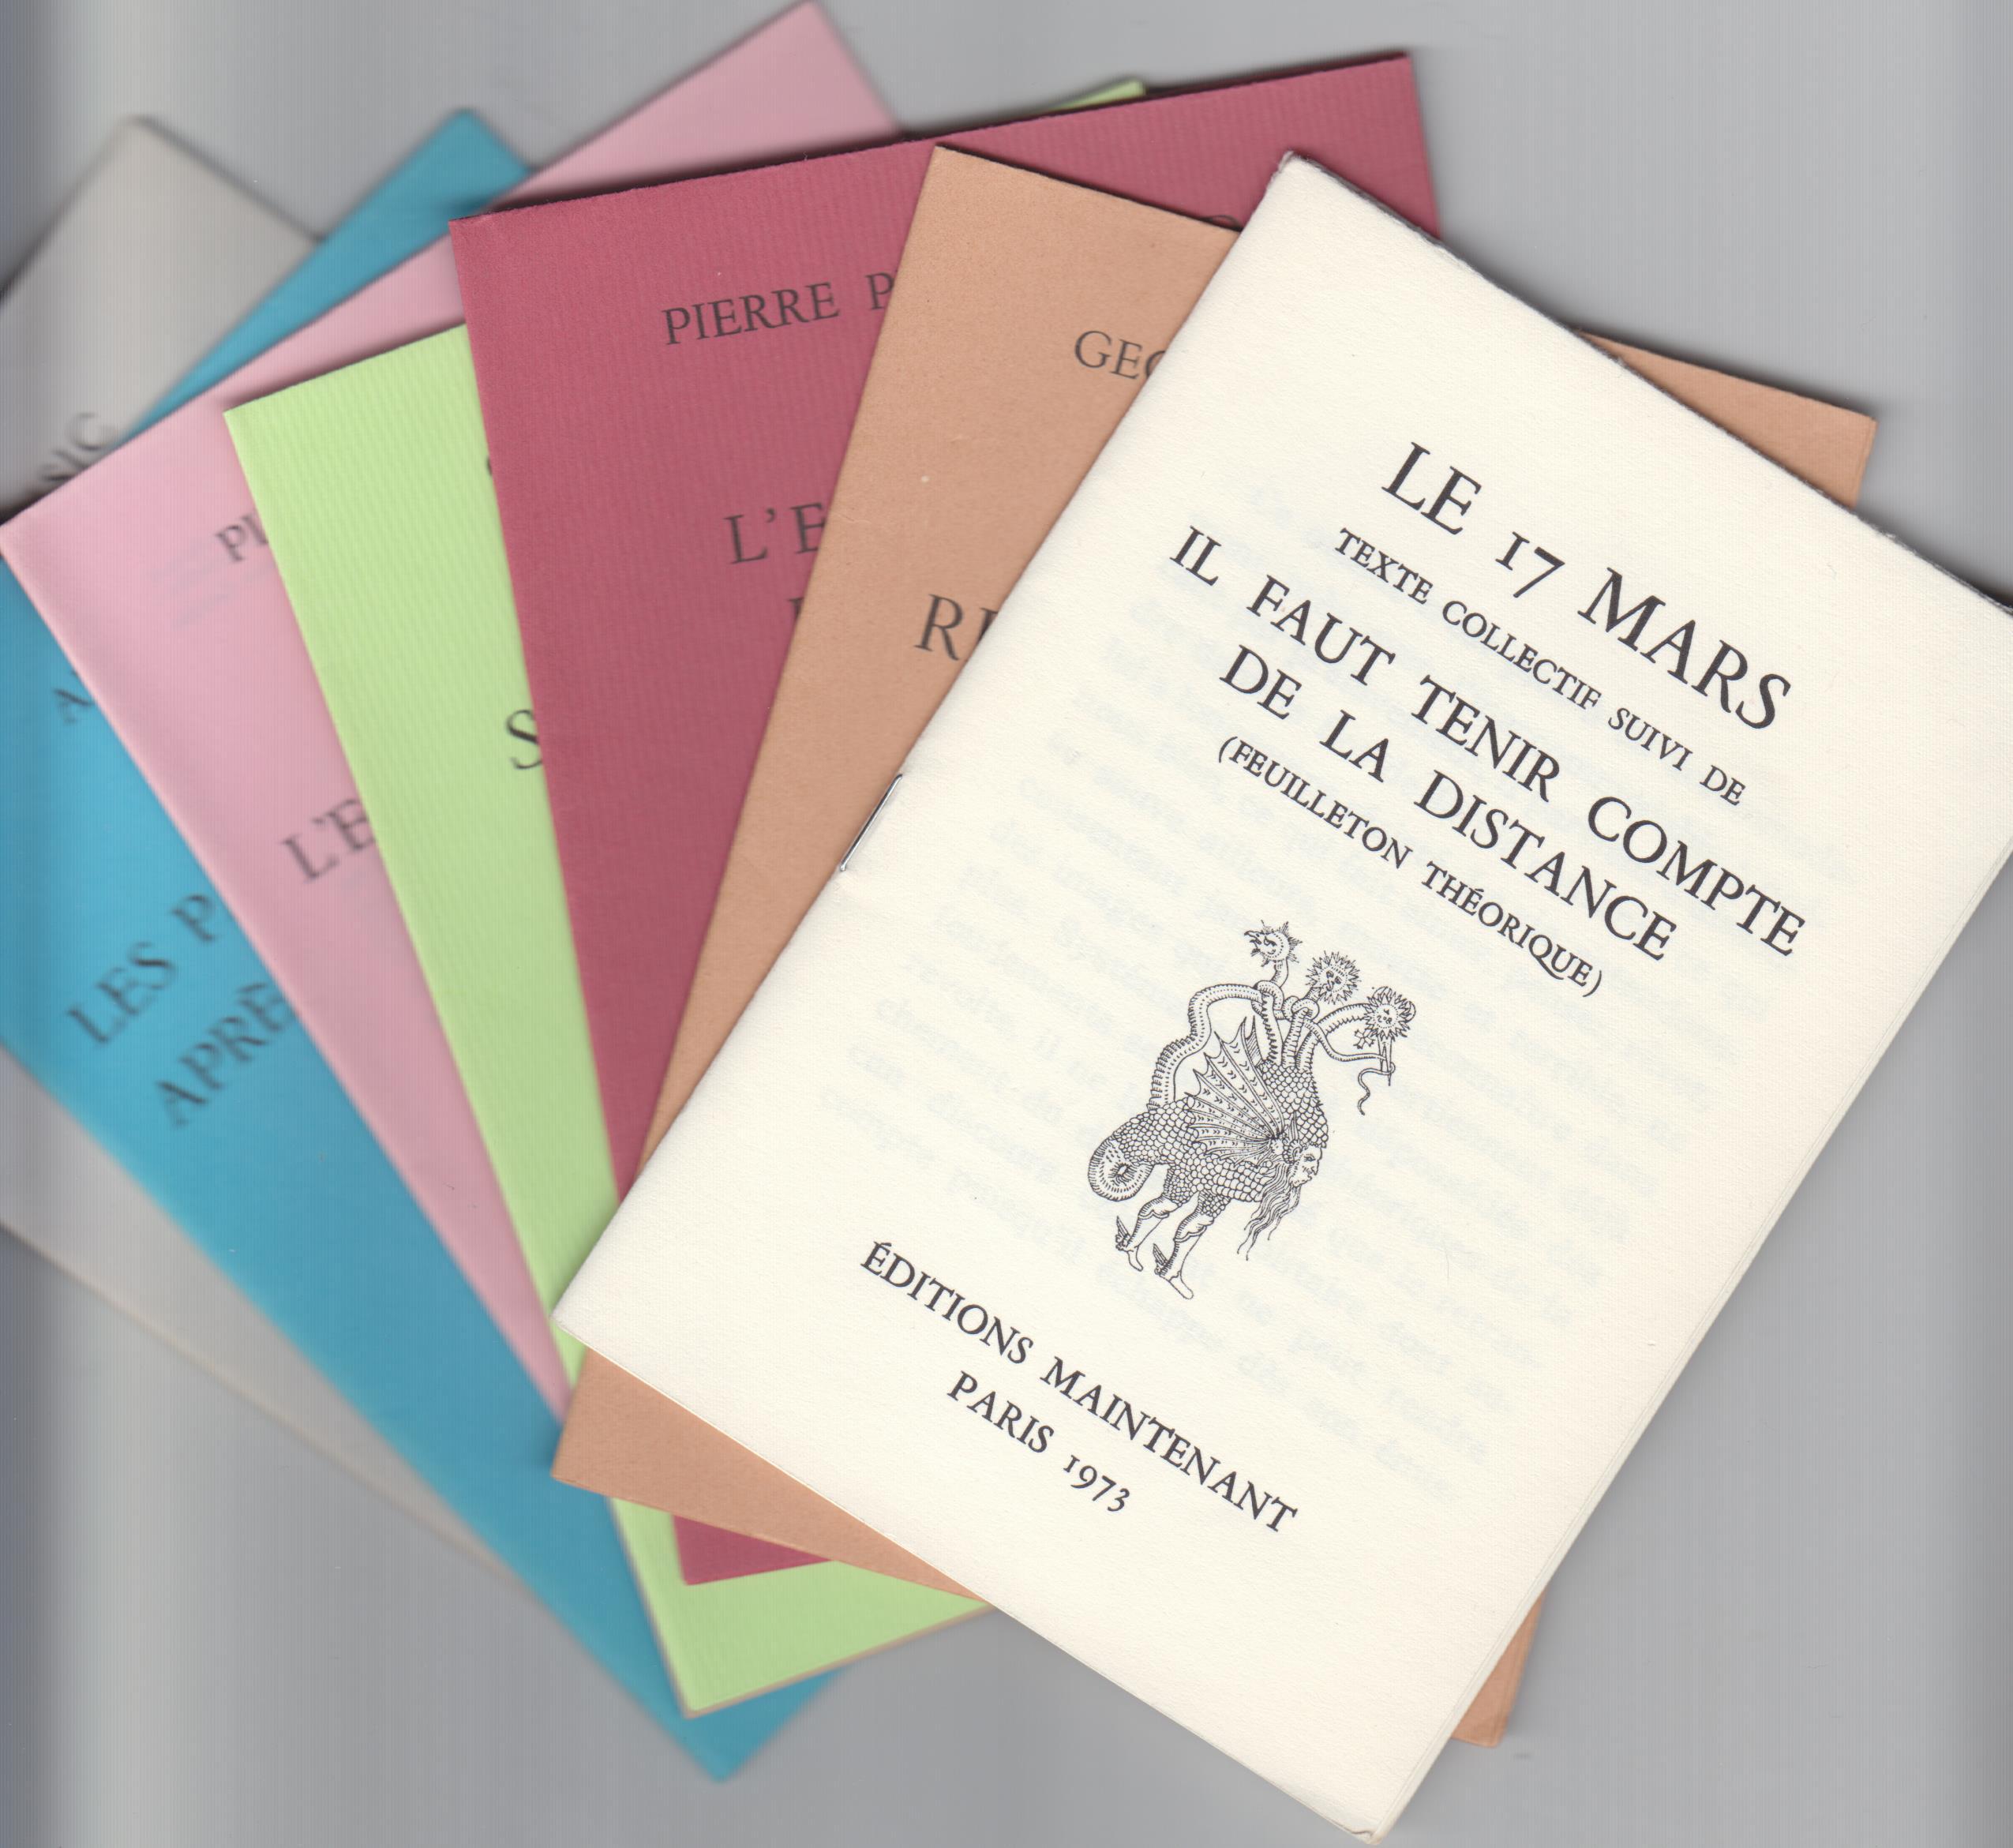 Le 17 Mars Texte Suivi de Il Faut Tenir Compte de ls Distance (Feuilleton Theorique)